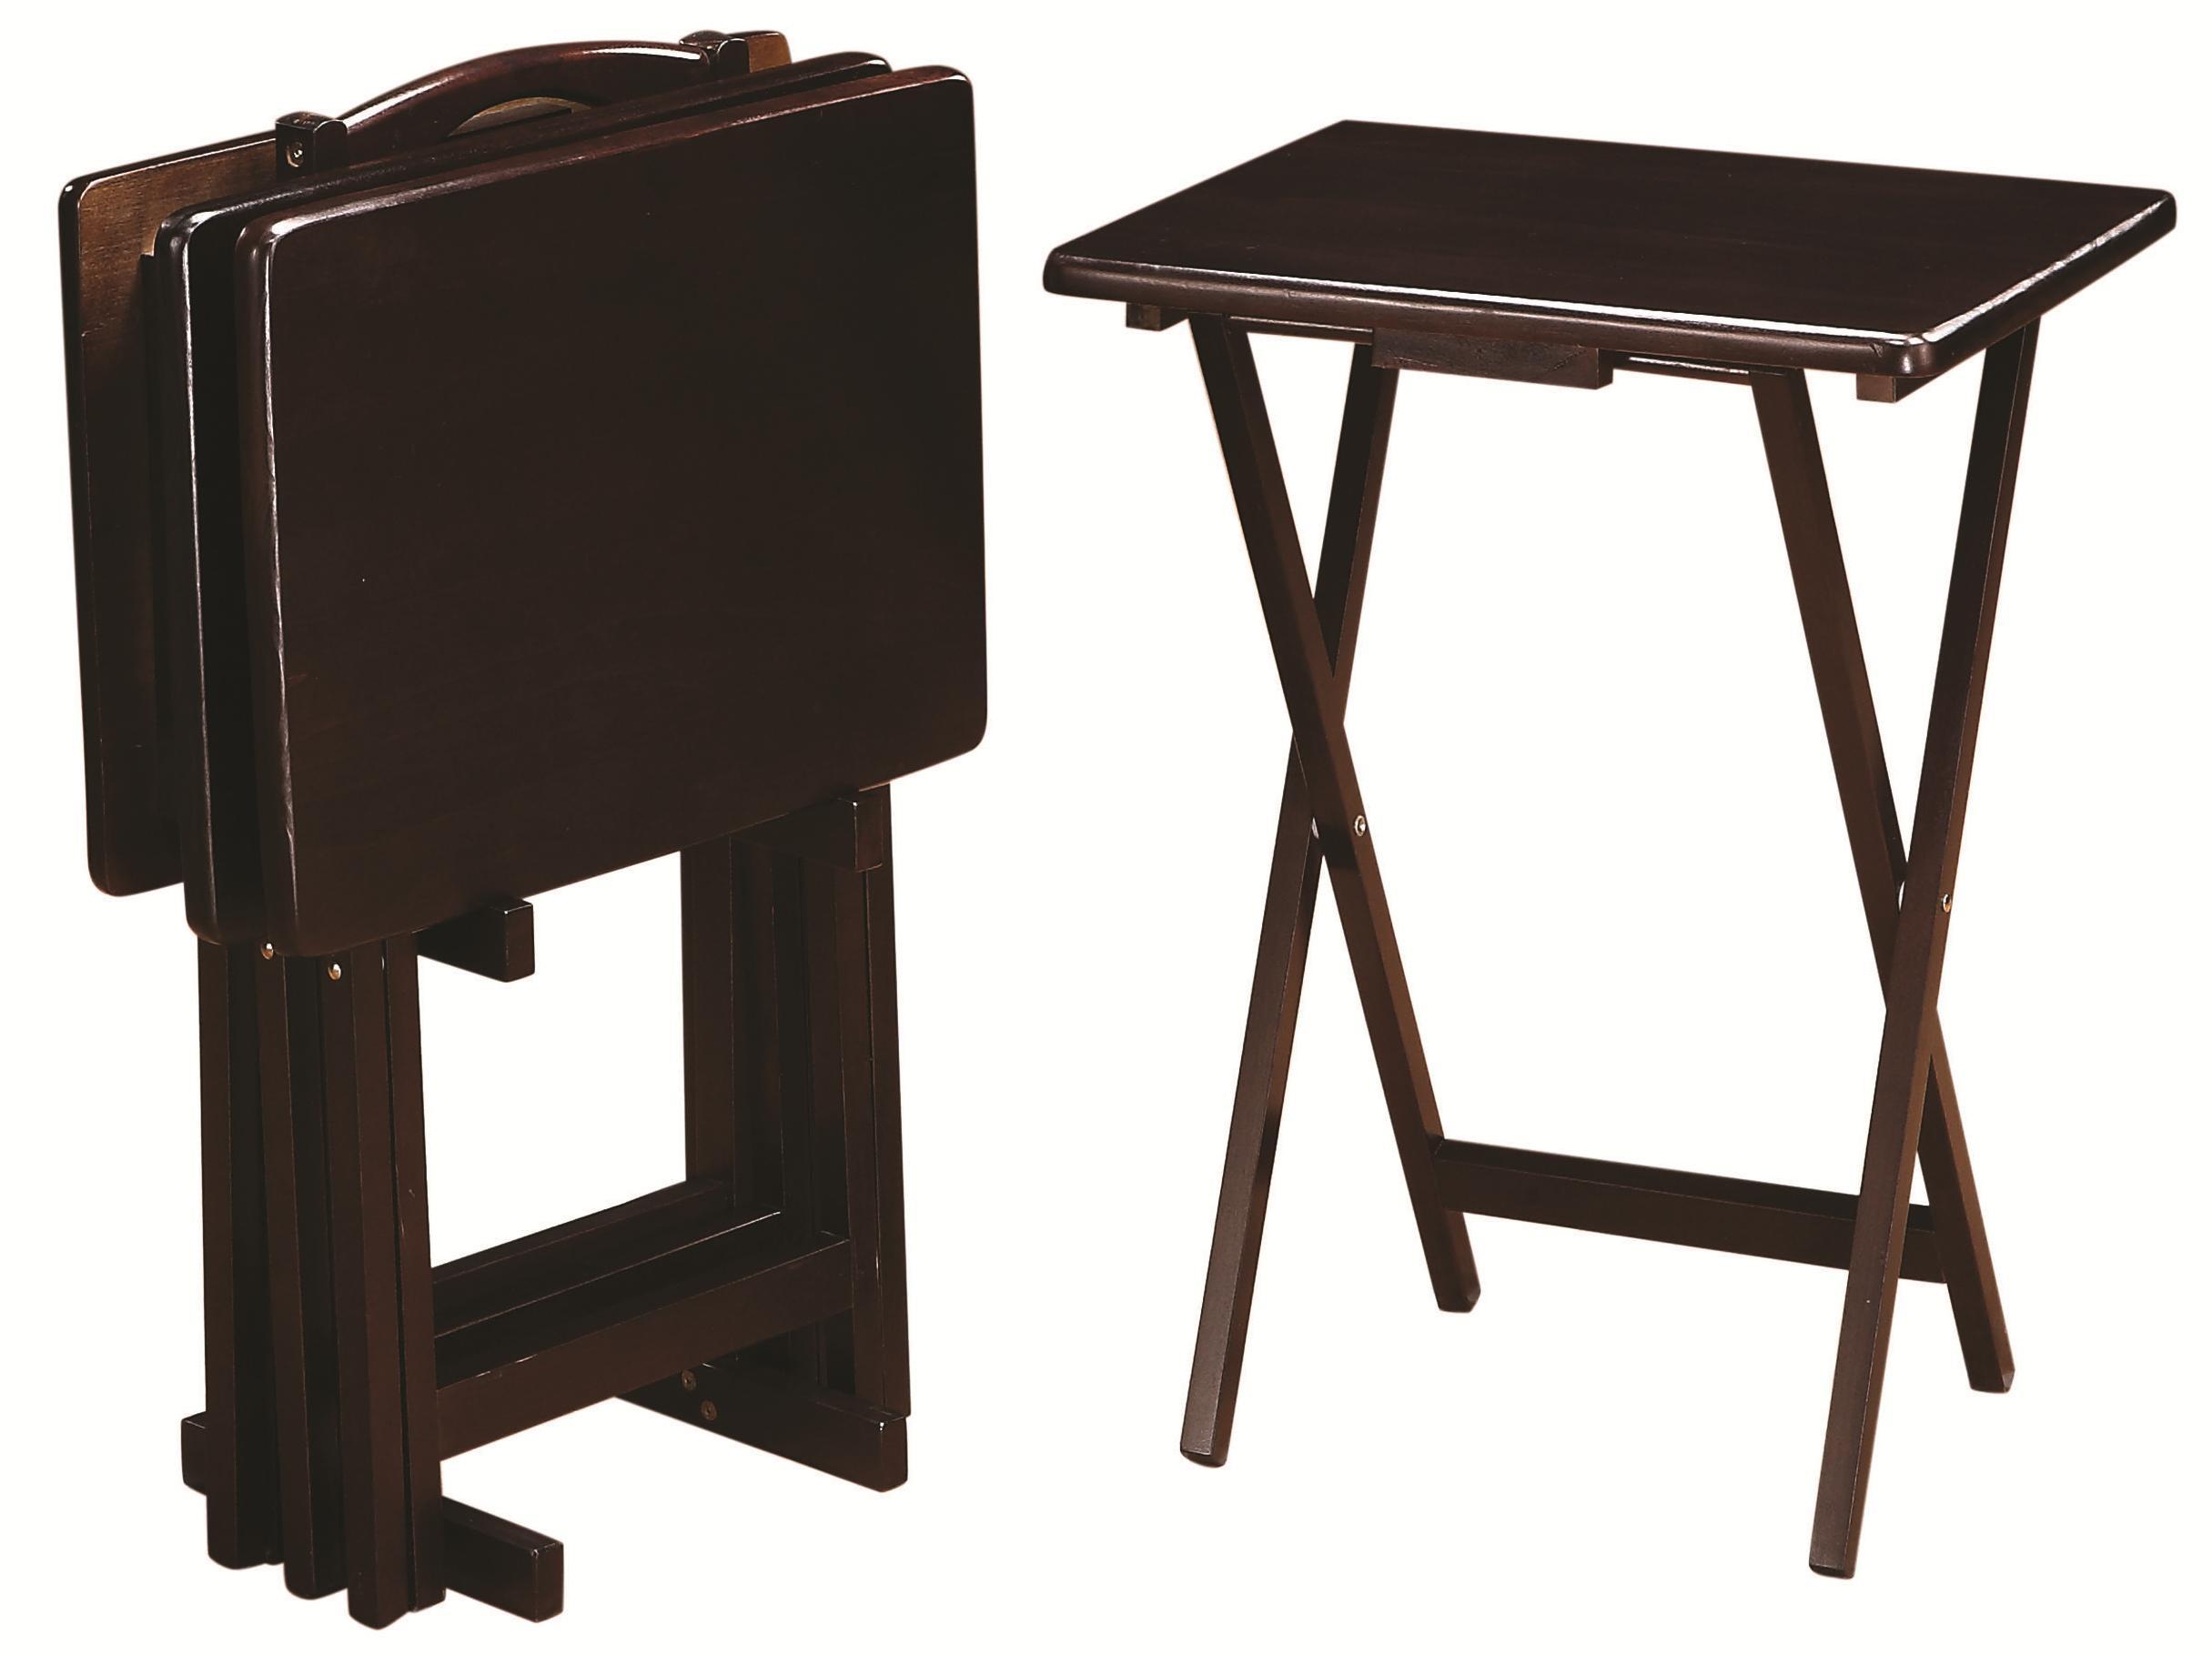 Coaster Tray Tables5 Piece Tray Table Set